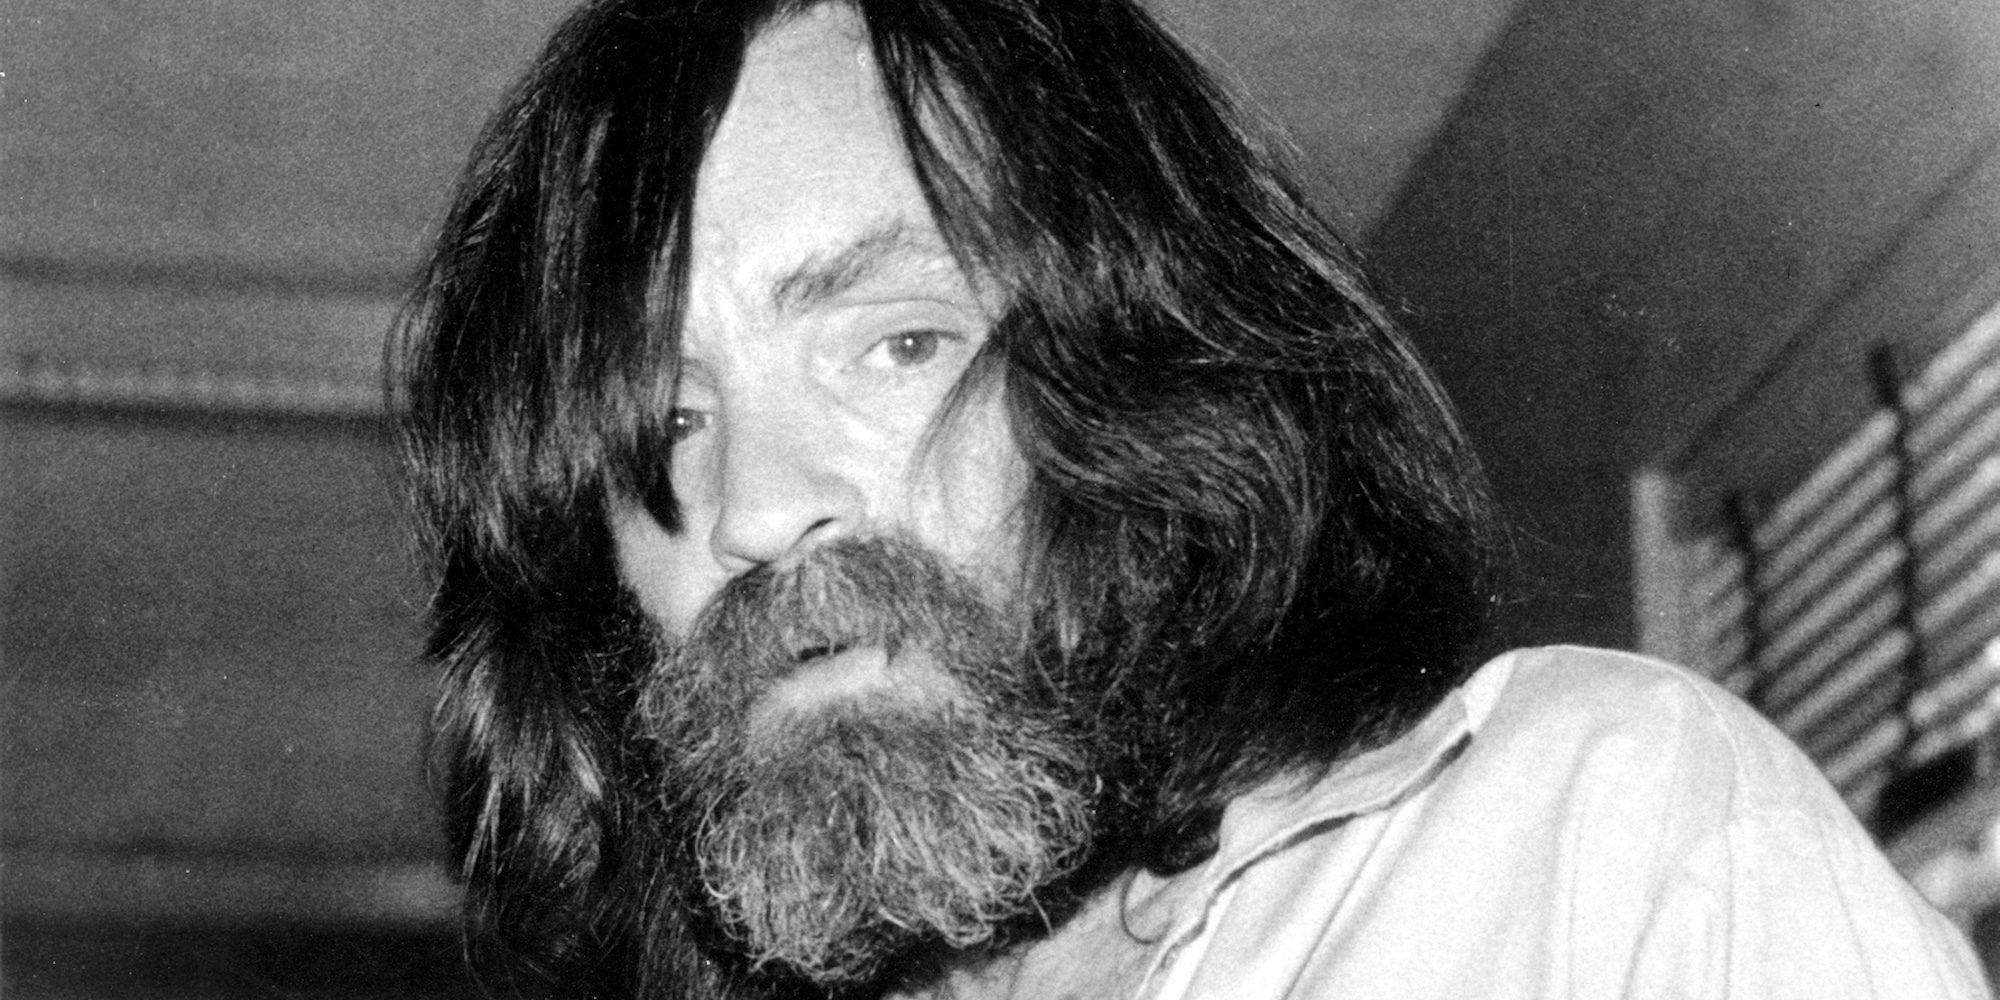 Muere Charles Manson a los 83 años: Así fue la vida del siniestro asesino